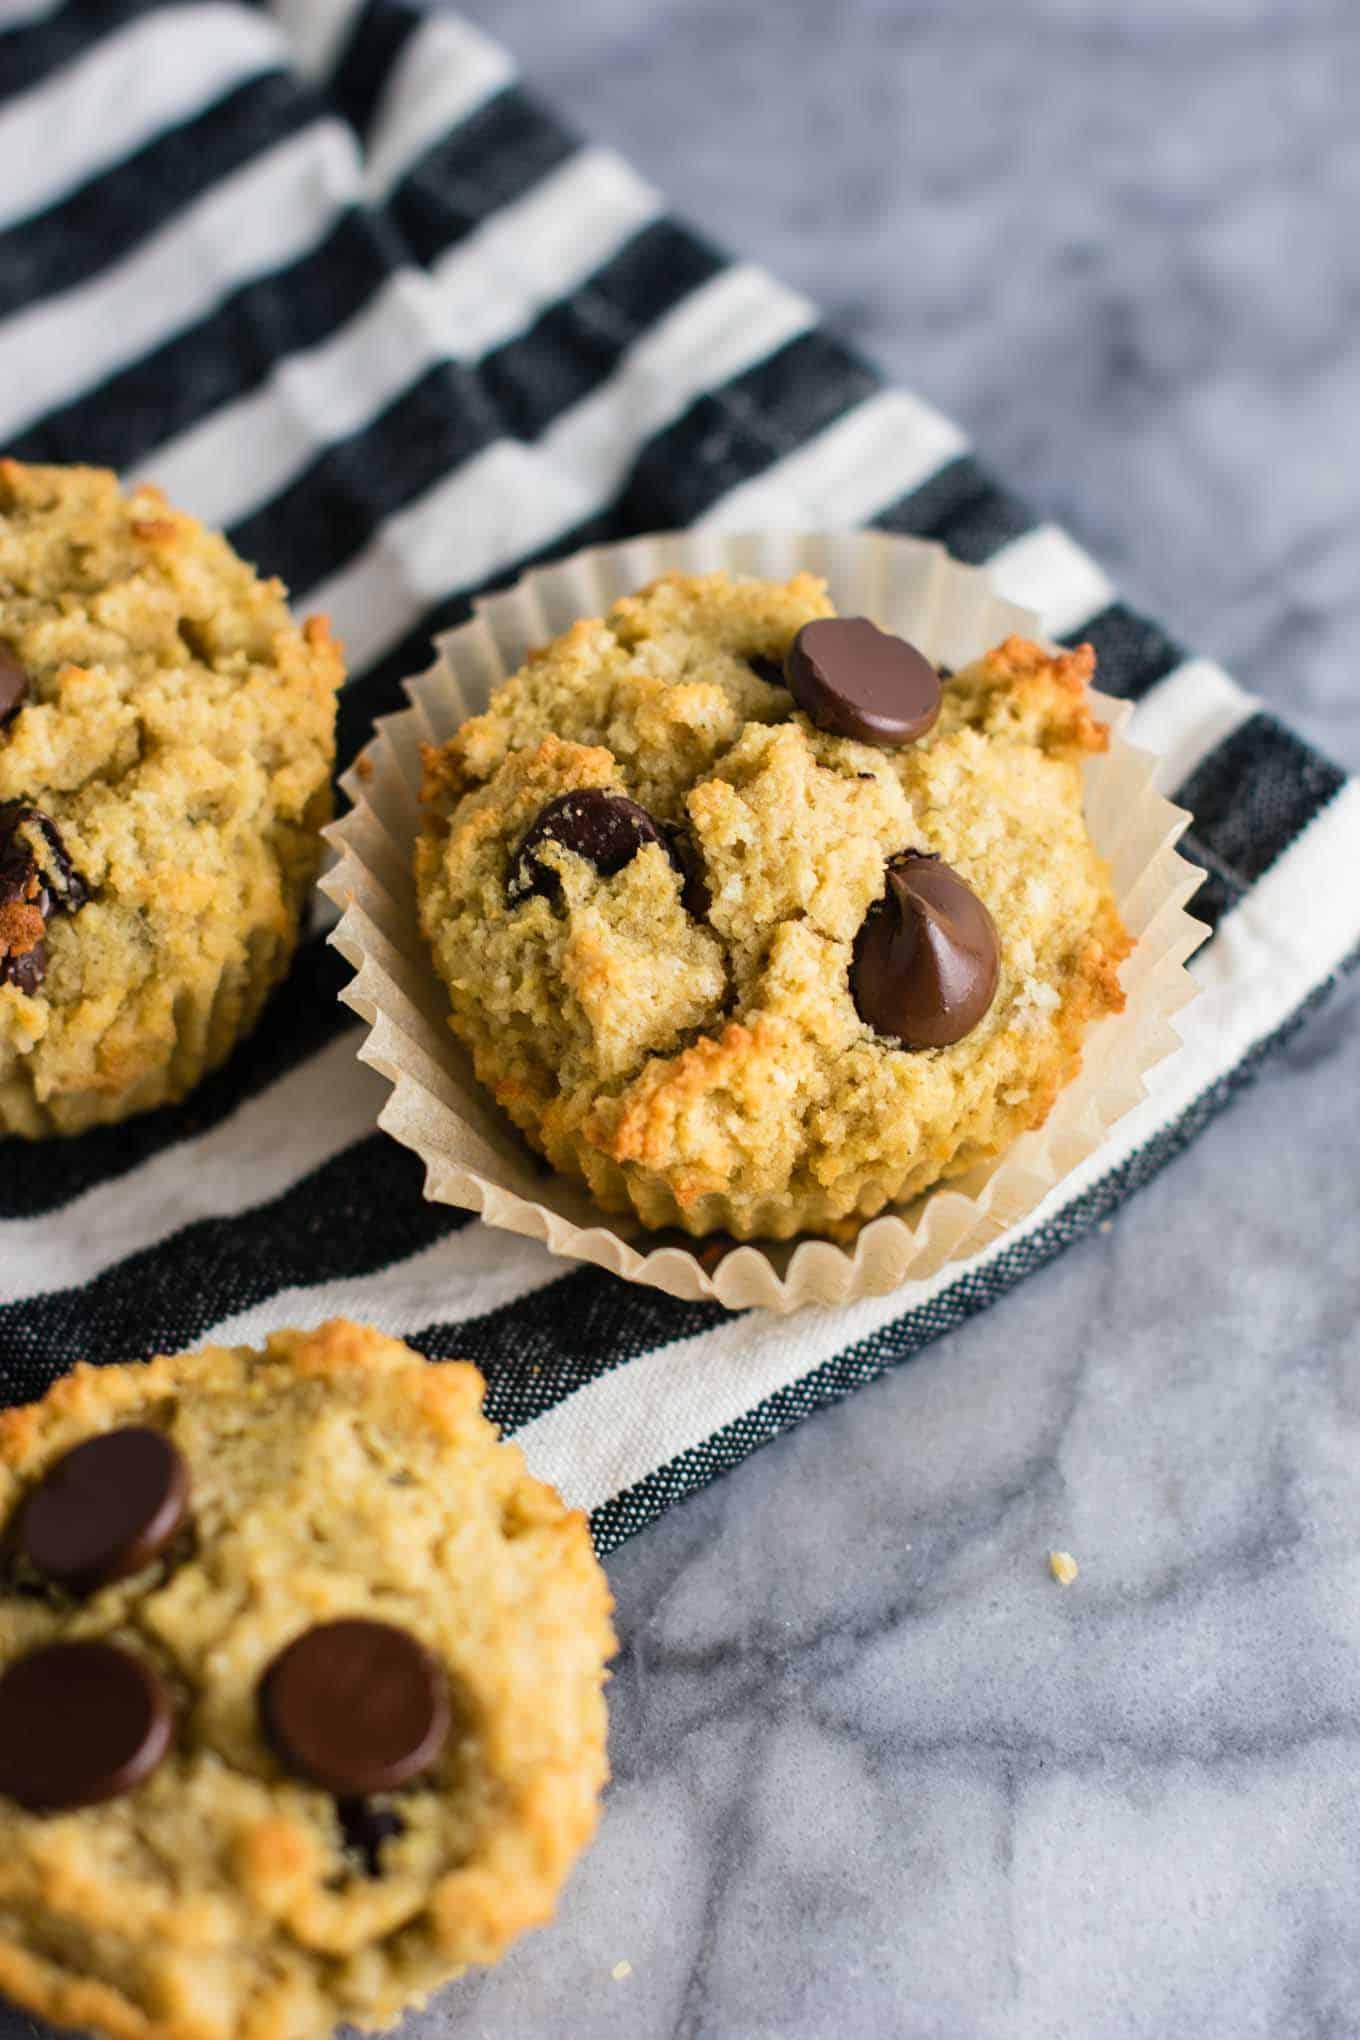 Gluten dairy free muffins